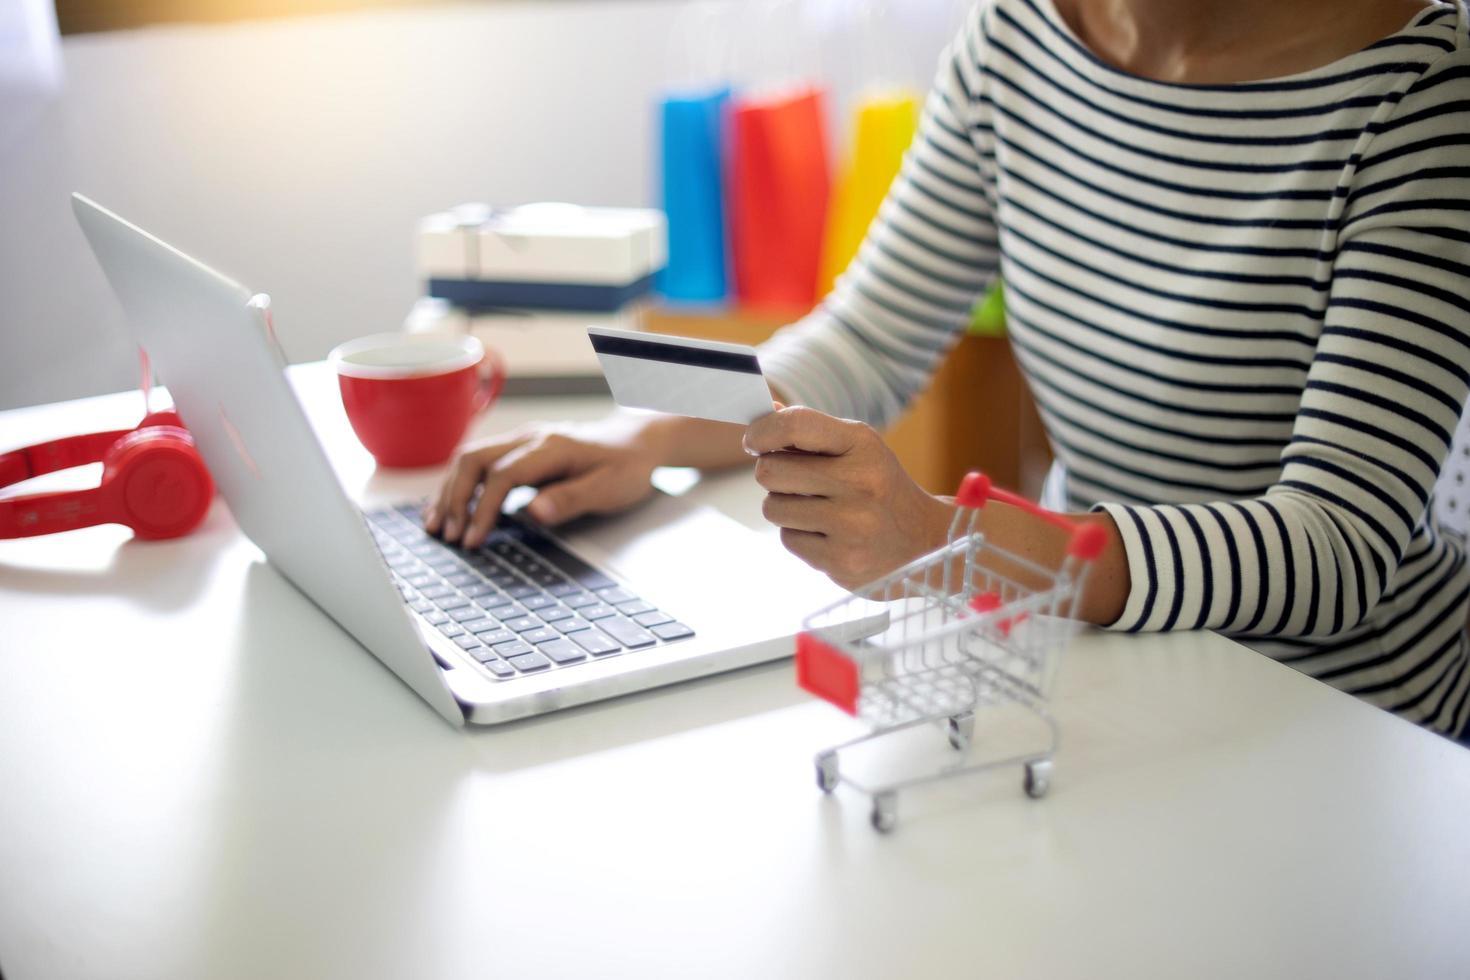 femme assise à l & # 39; ordinateur shopping en ligne photo